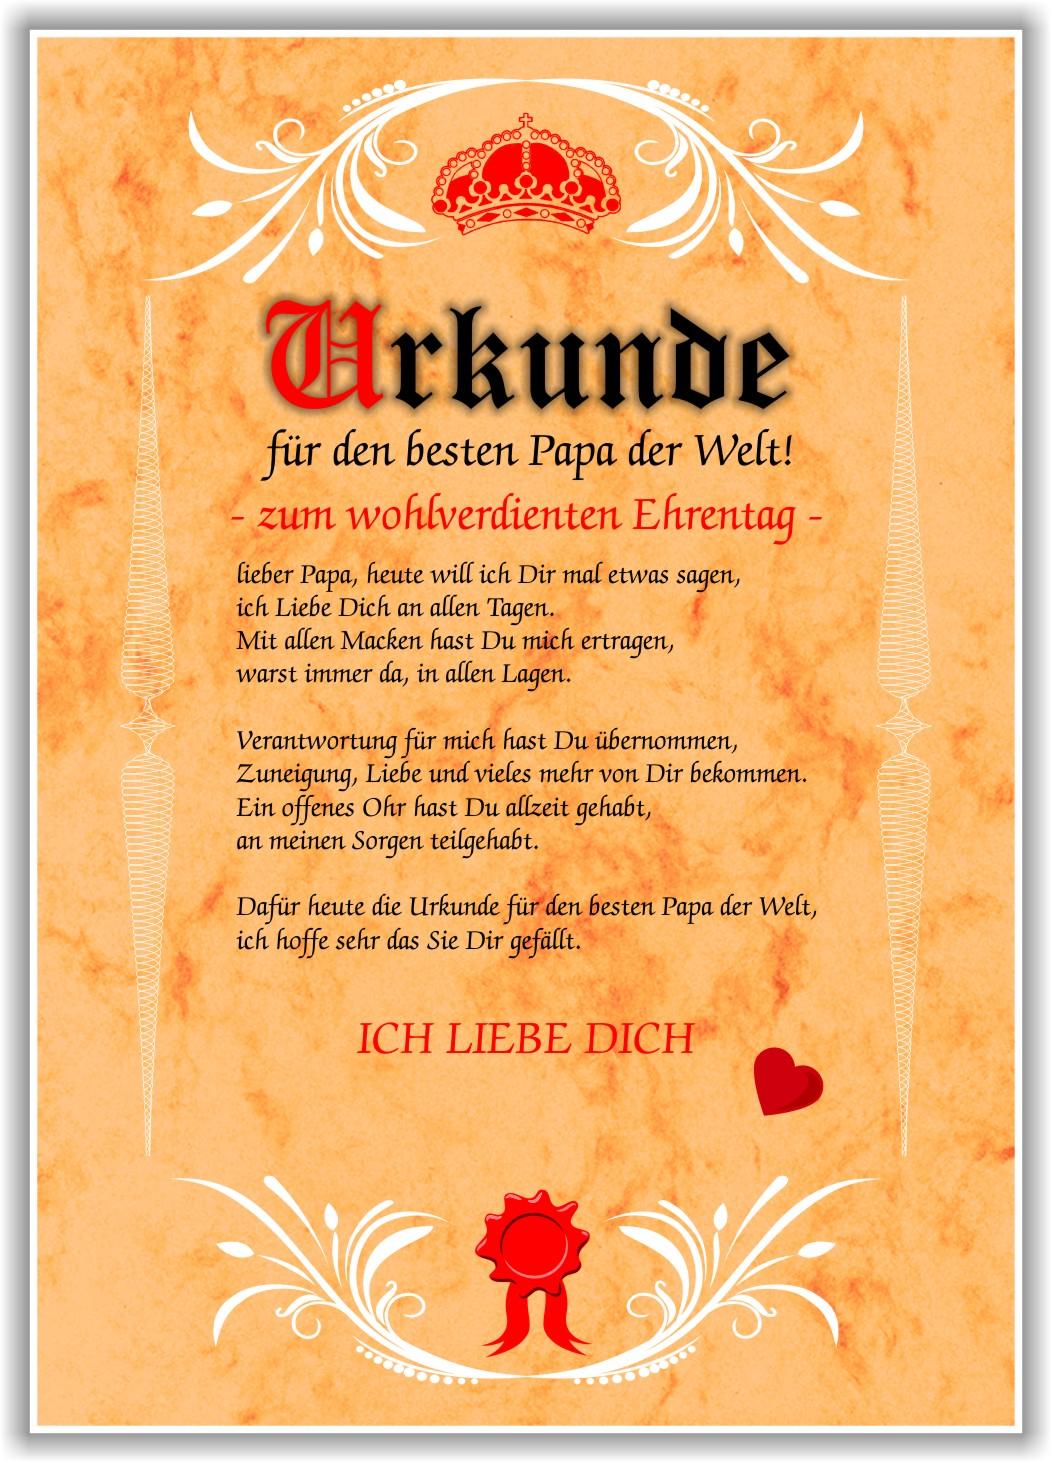 Details Zu Urkunde Bester Papa Liebeserklärung Geschenk Geburtstag Vatertag Vater Papa Neu